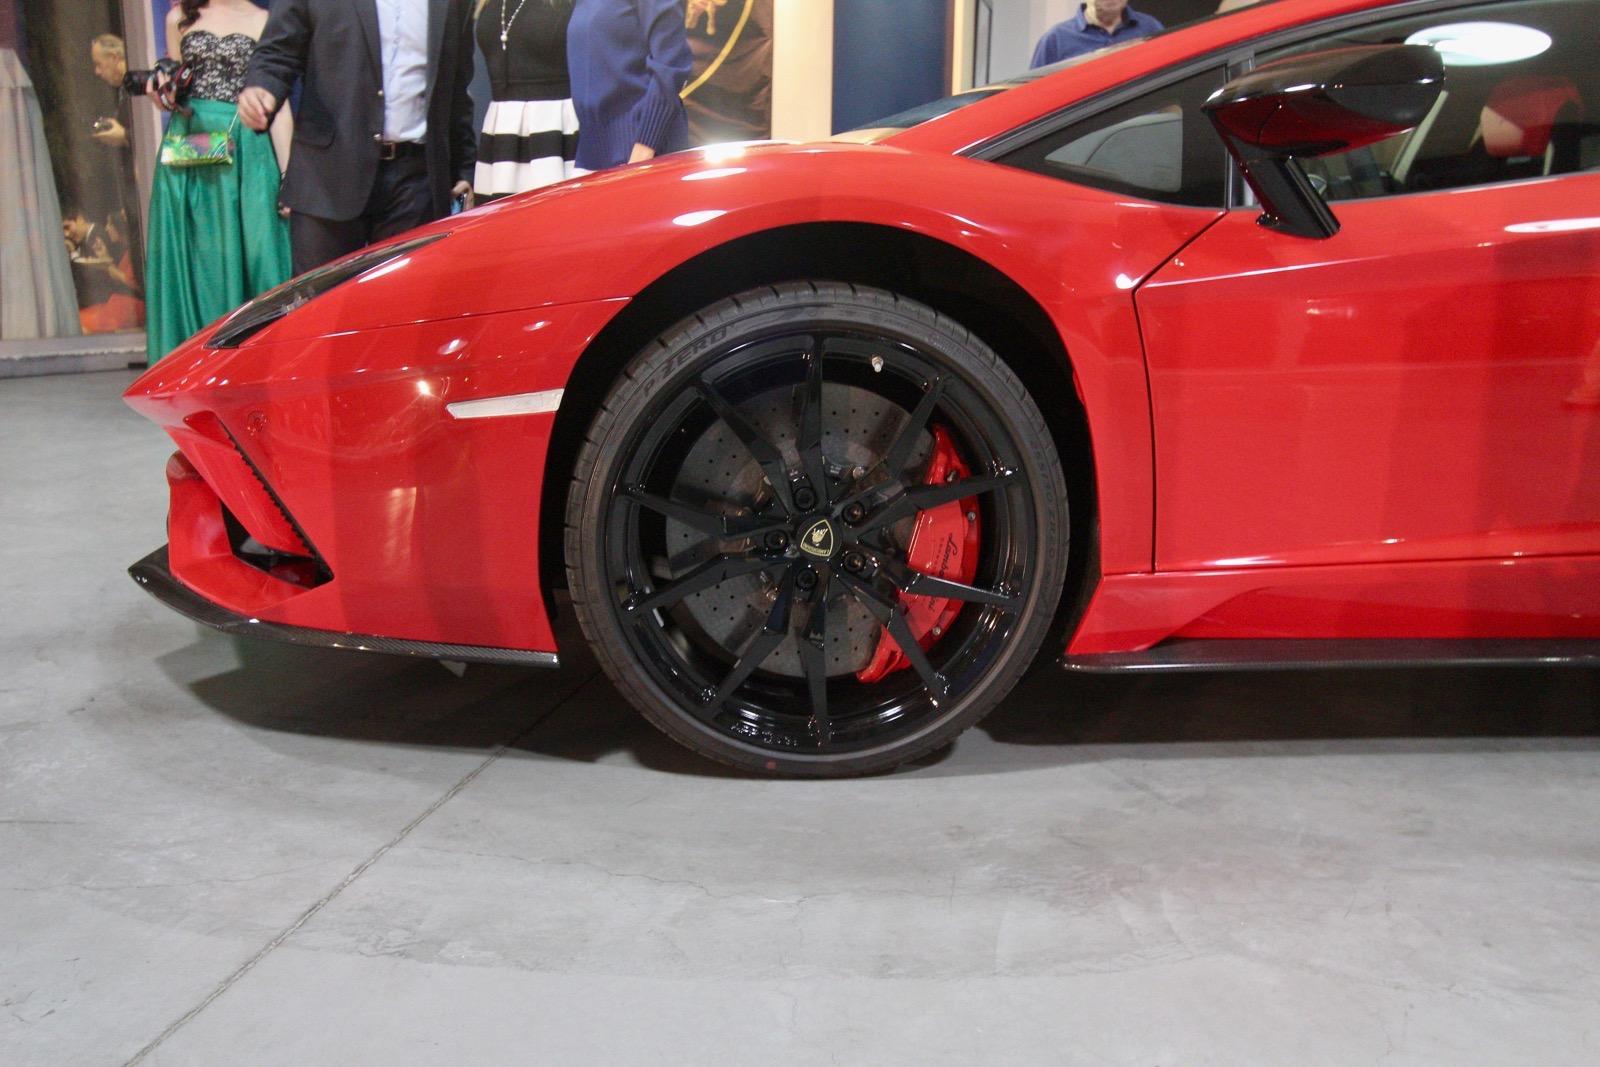 Lamborghini_Aventador_S_in_Greece_10